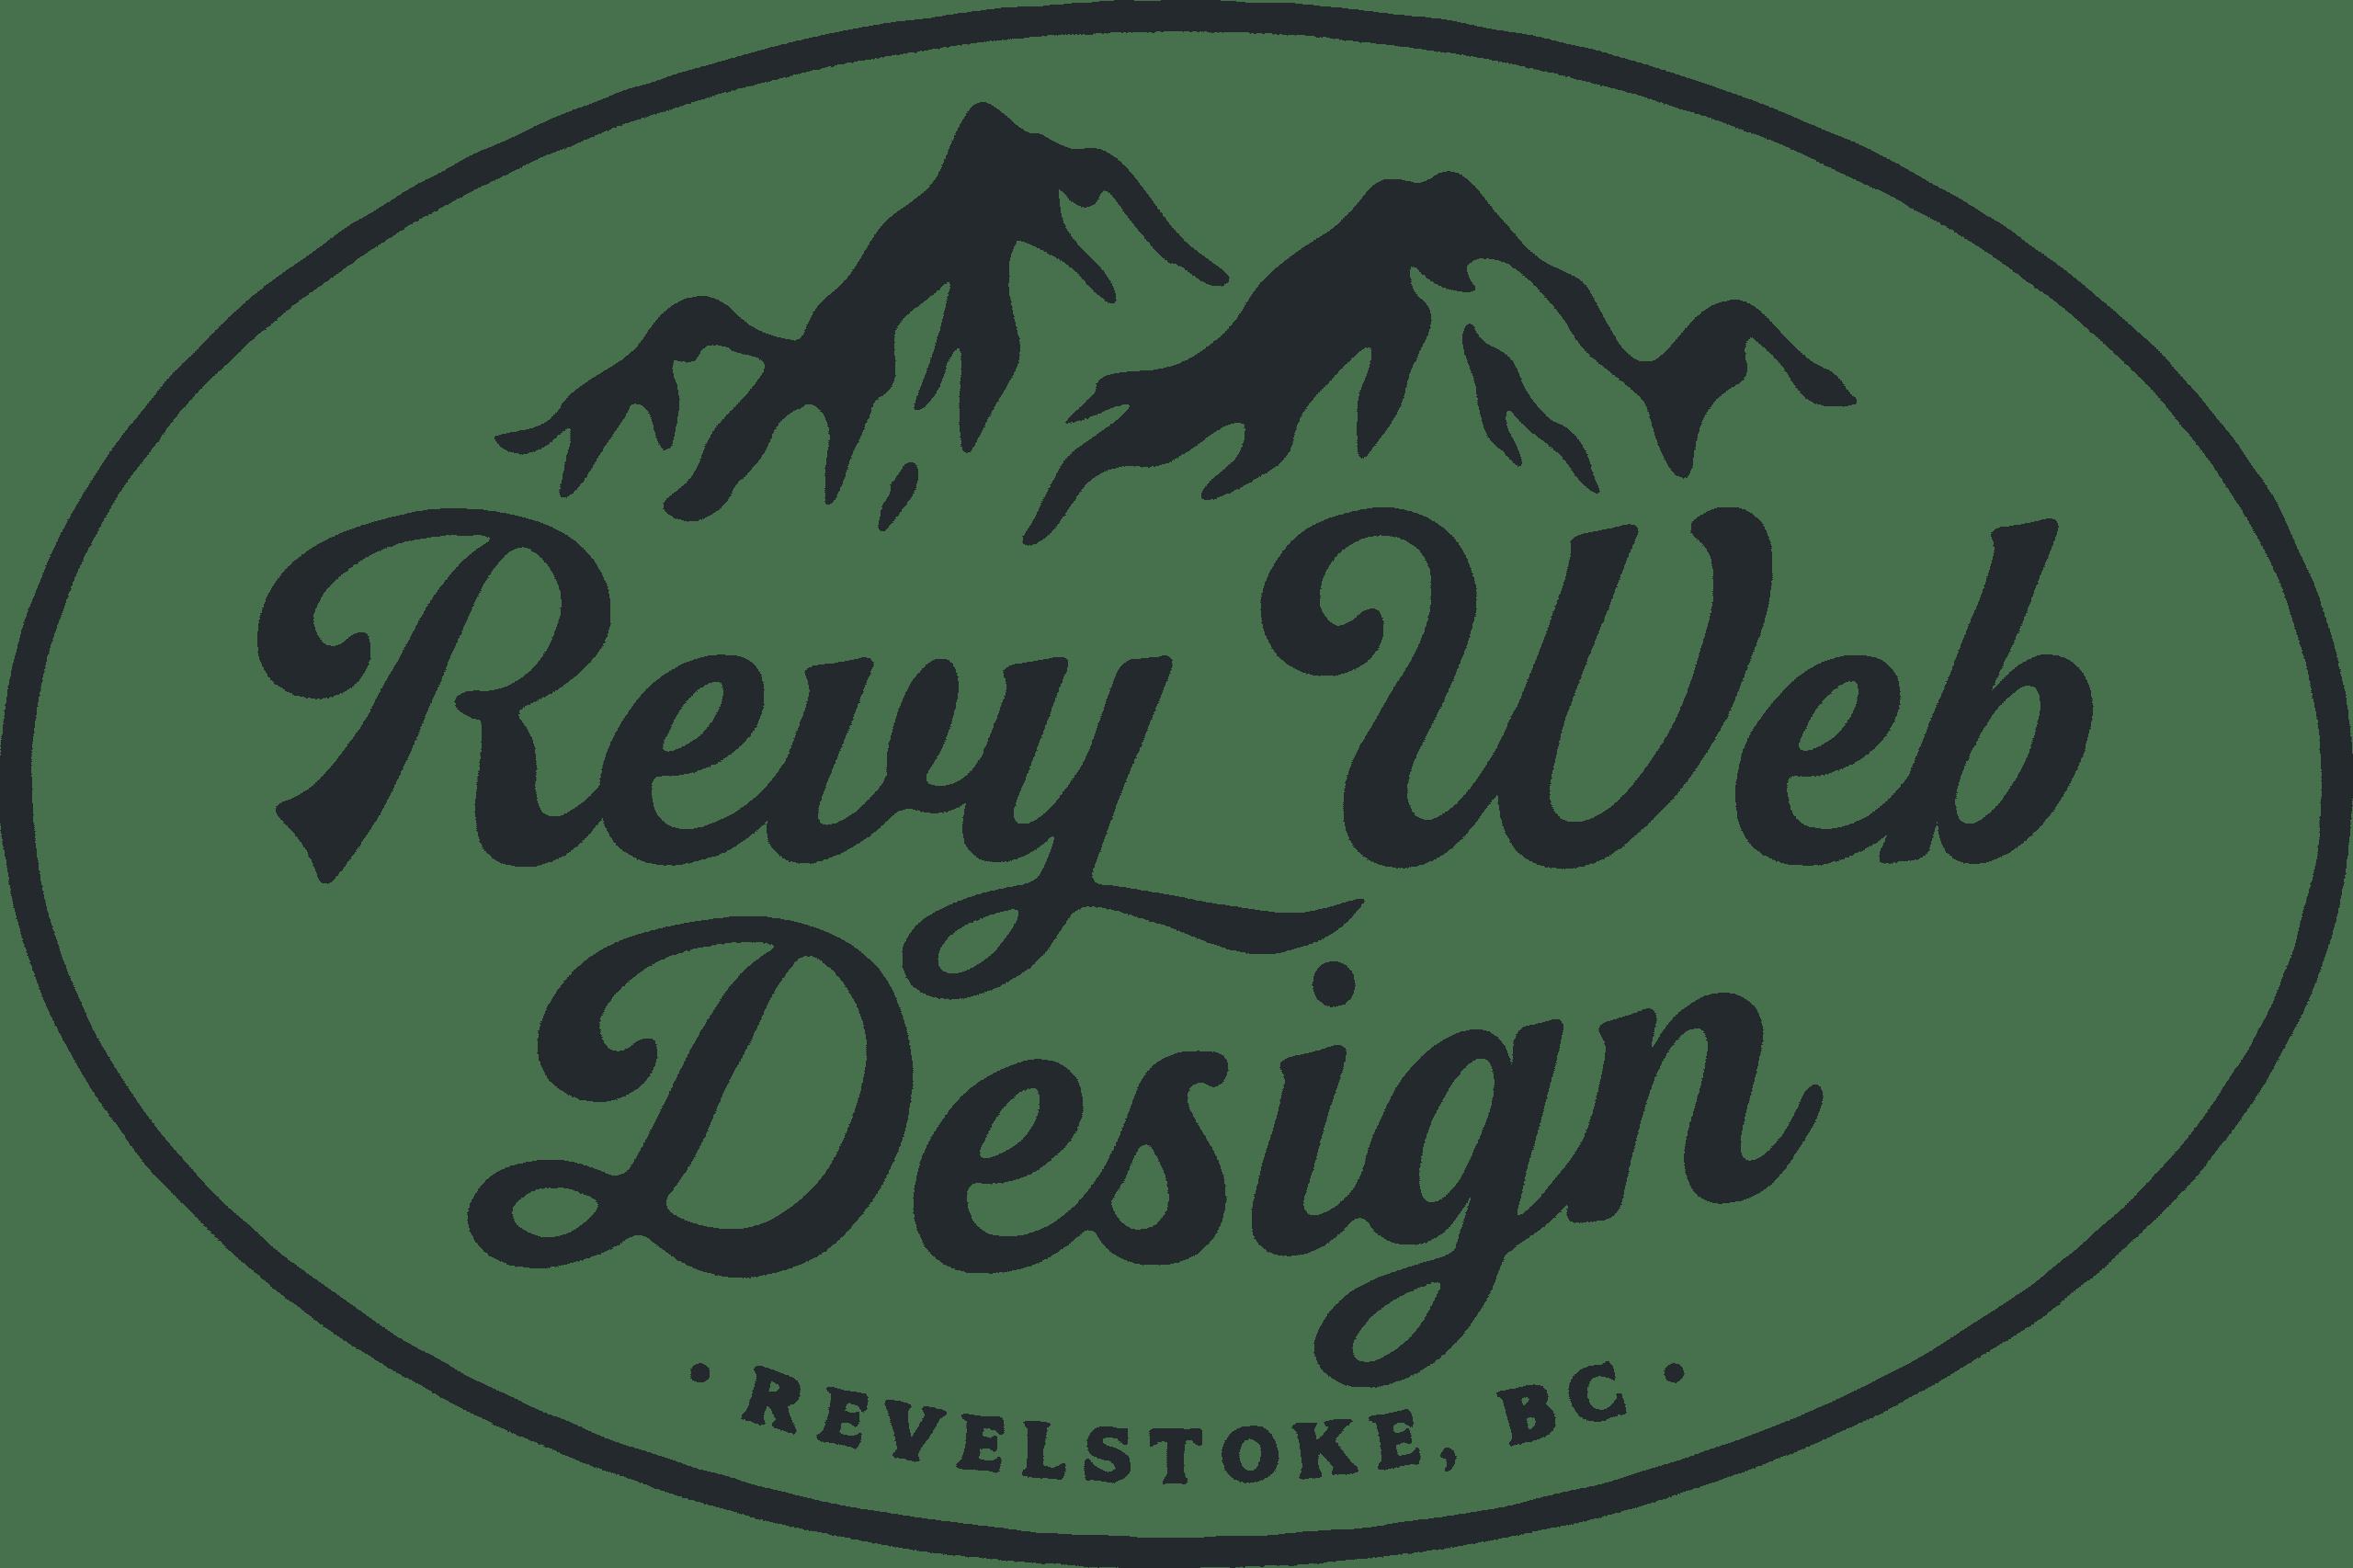 website design web design web designer logo